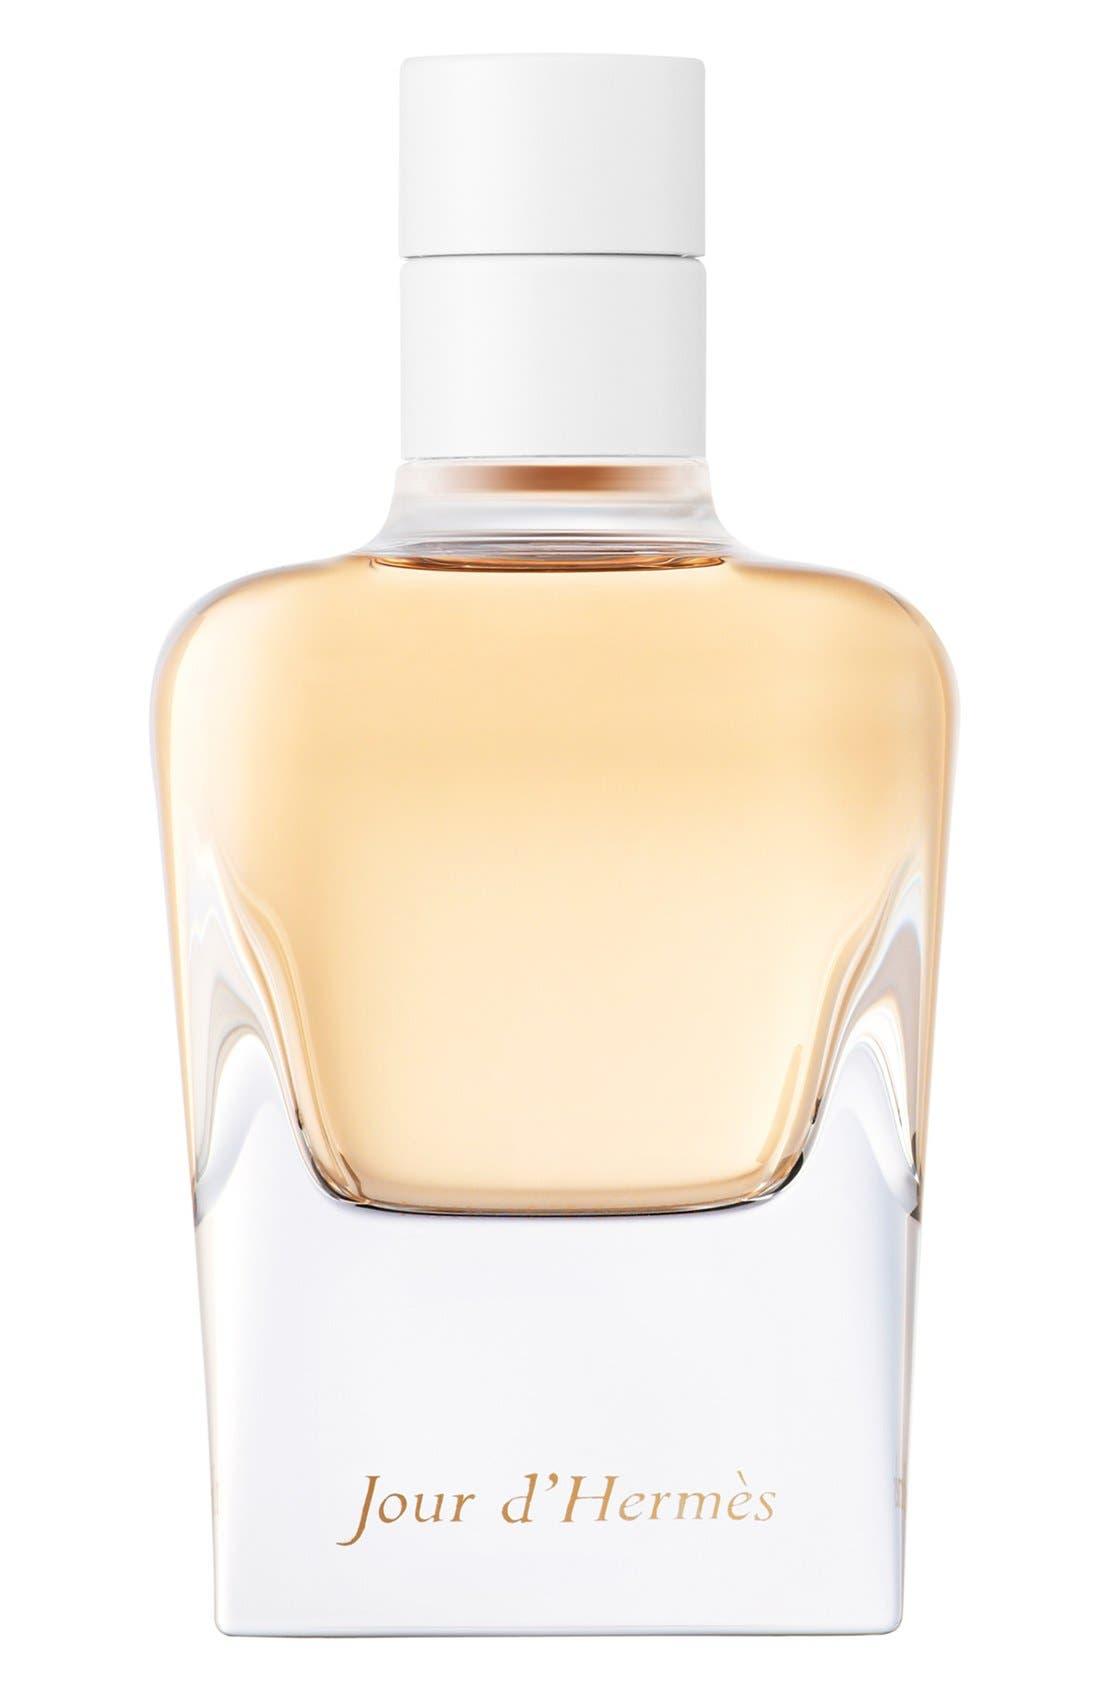 Jour d'Hermès - Eau de parfum spray,                             Main thumbnail 1, color,                             NO COLOR